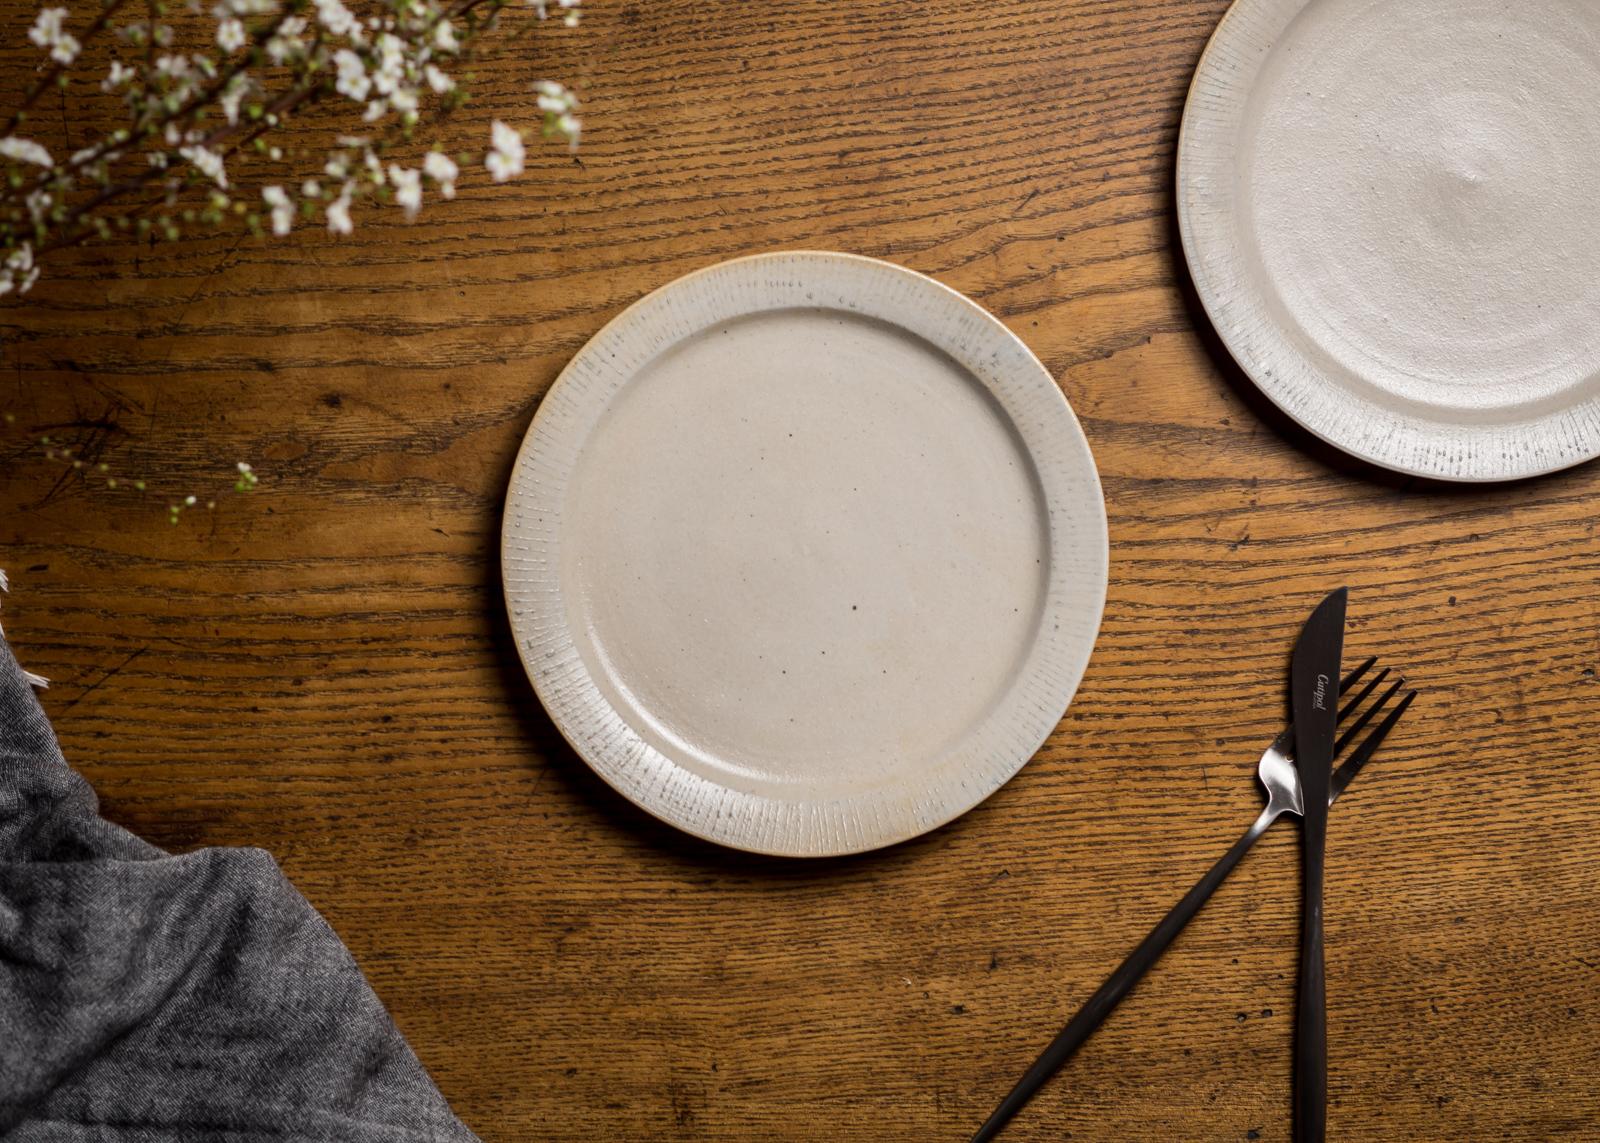 6寸 プレート白化粧にリム線刻(白)(リムプレート・中皿・19cm皿)/鈴木美佳子